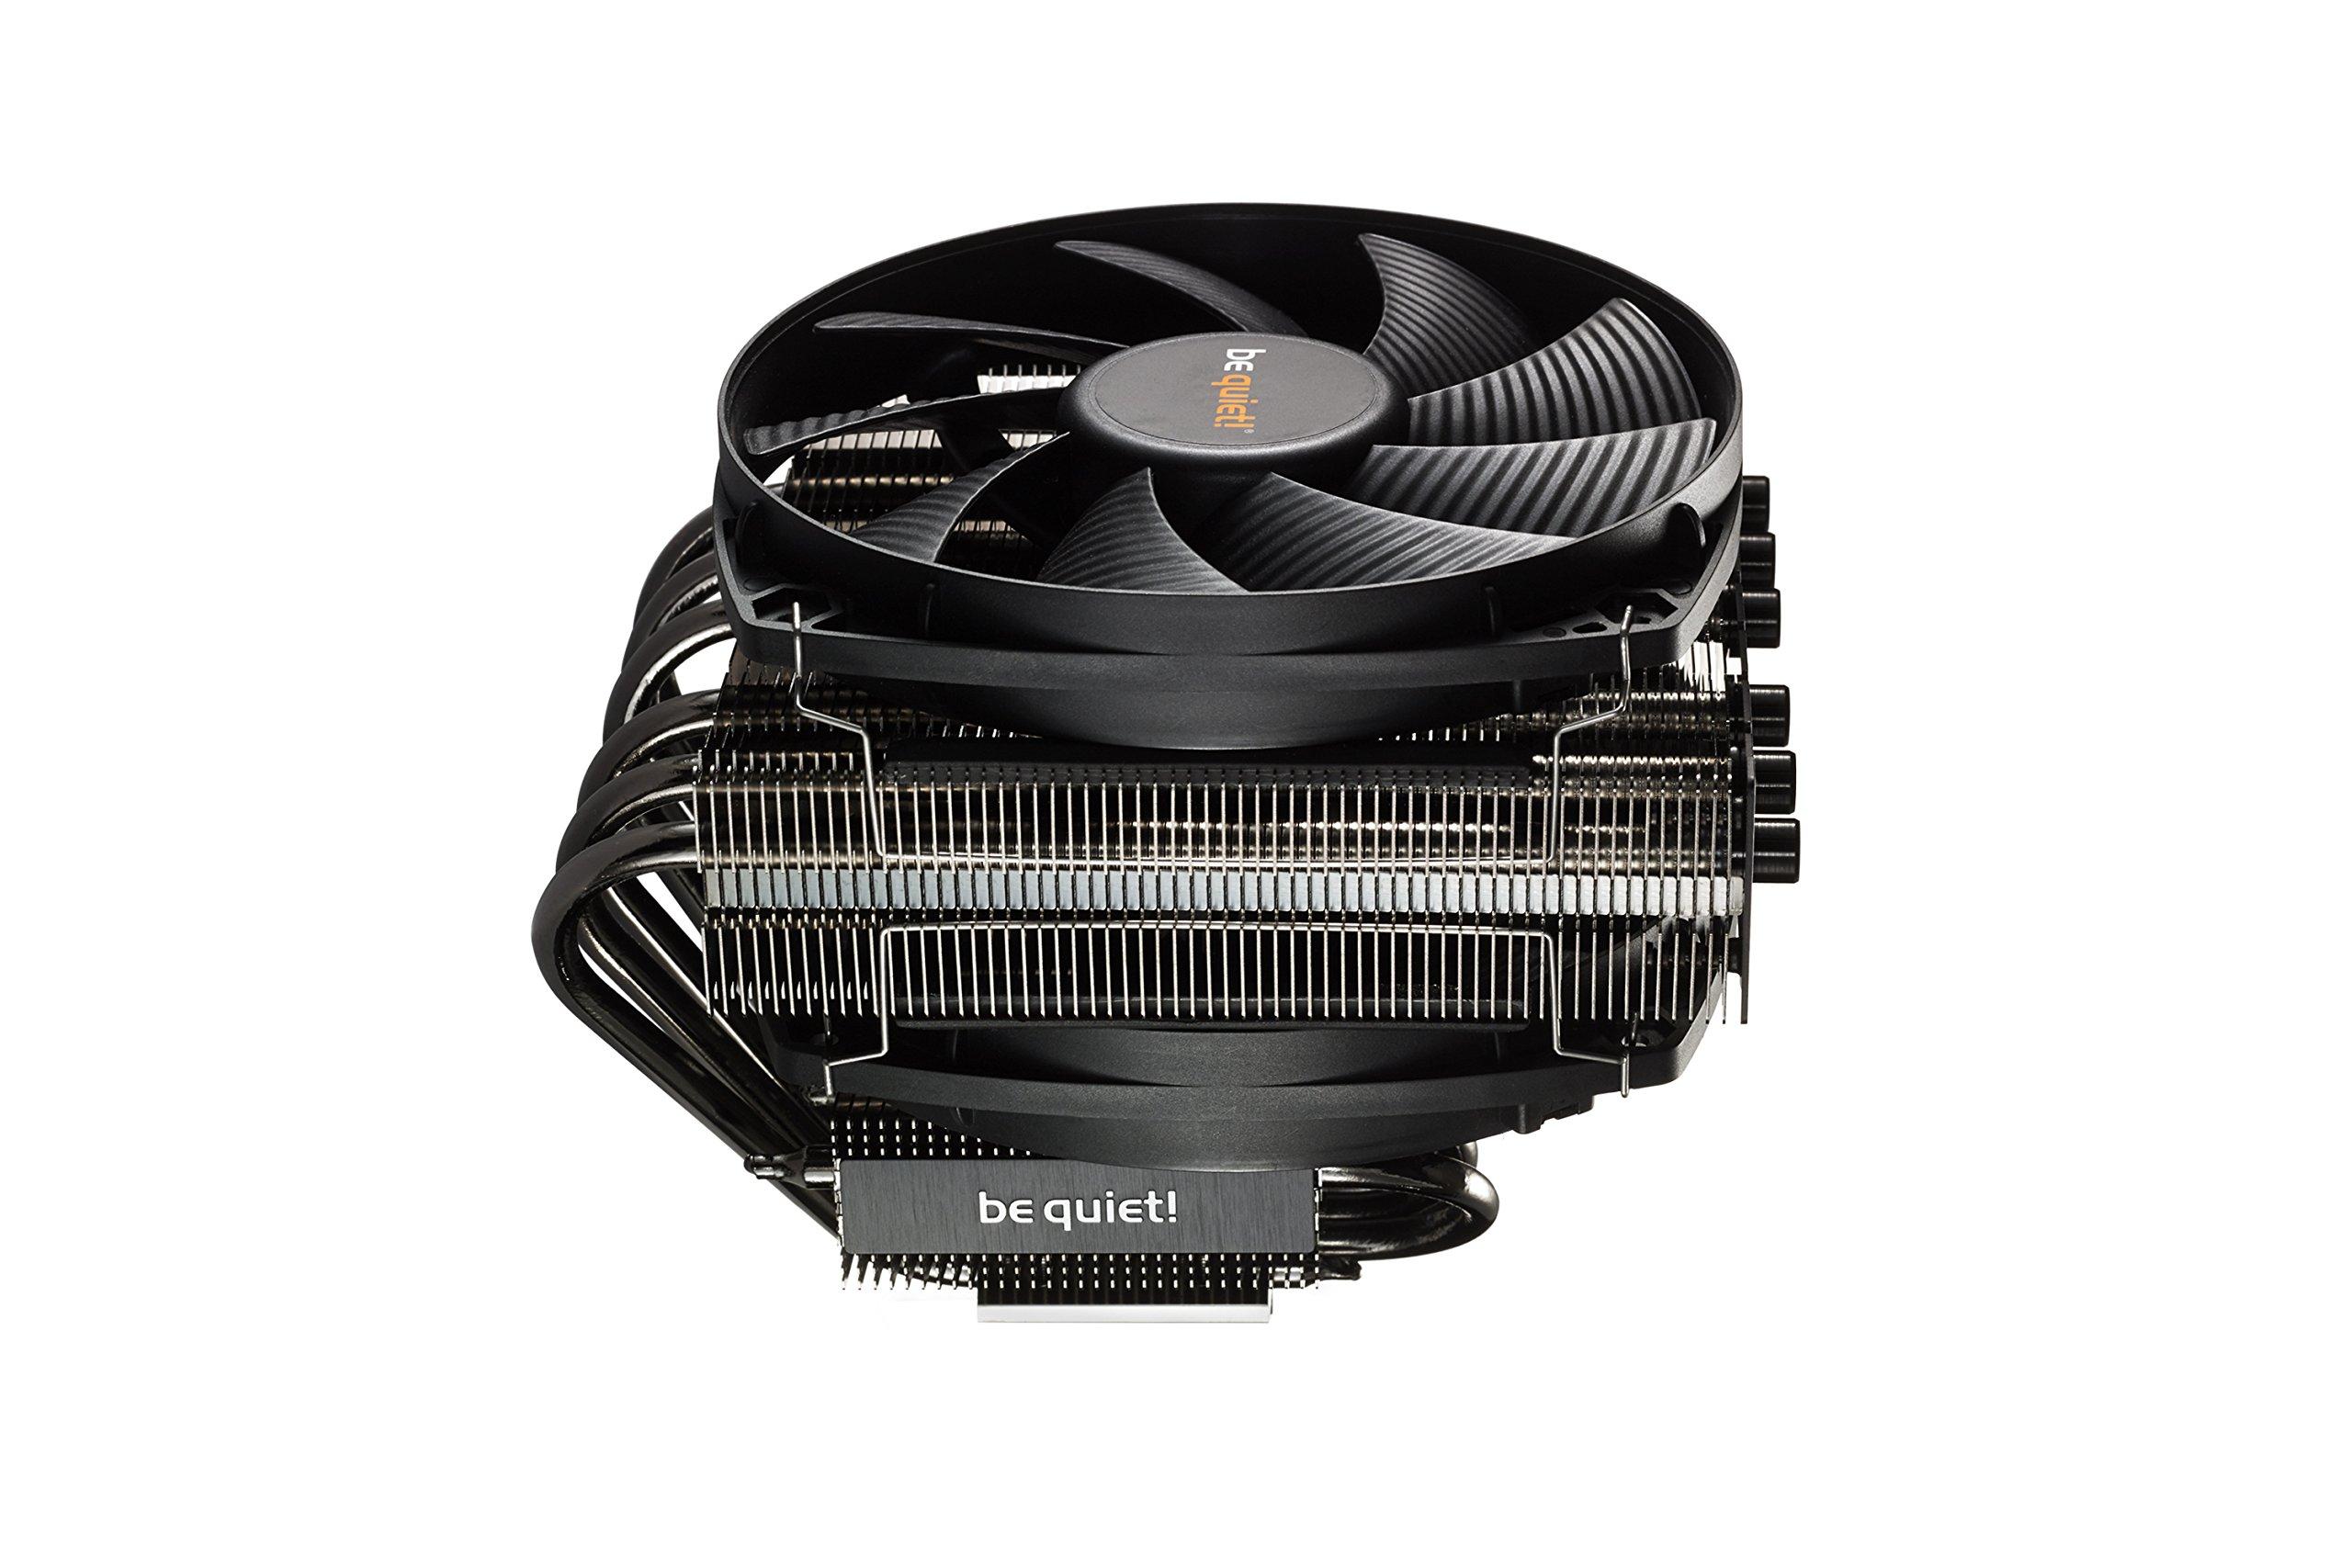 be quiet! Dark Rock Tf, BK020, 220W TDP, CPU Cooler by be quiet! (Image #2)